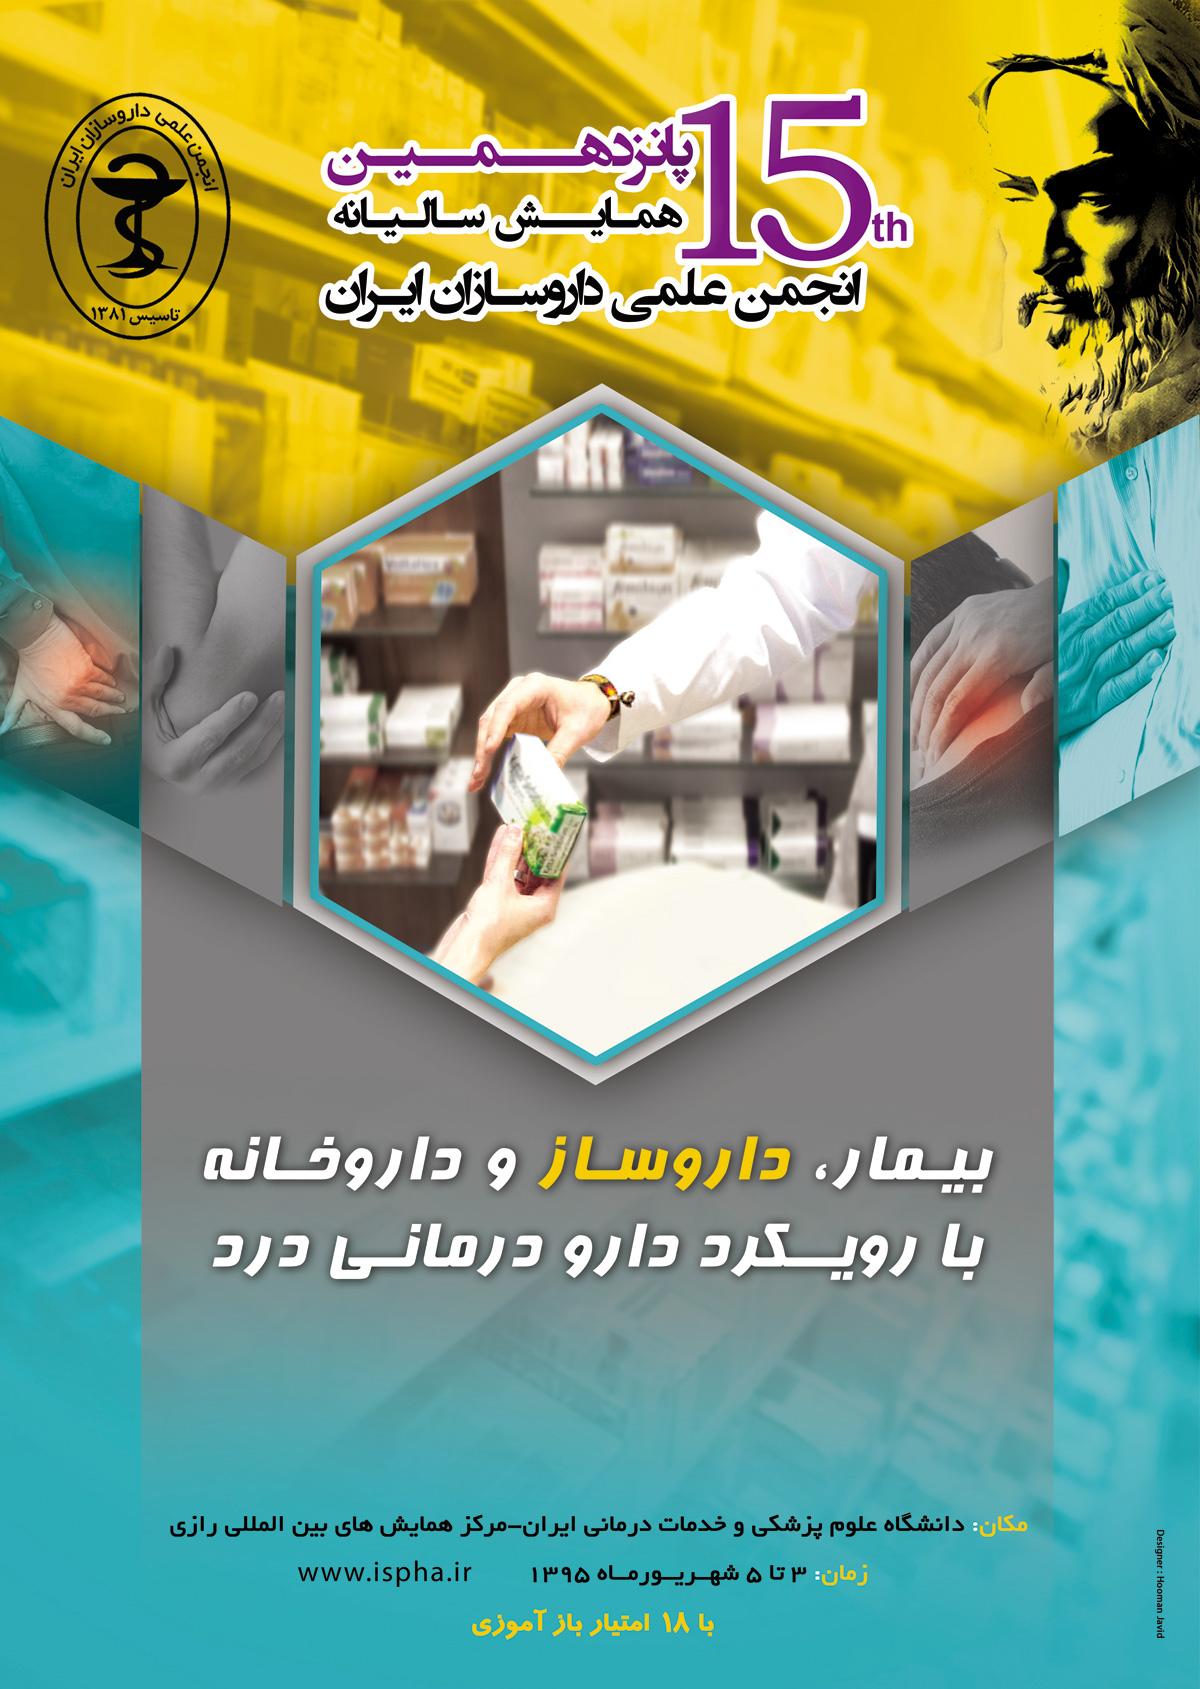 پانزدهمین همایش سالیانه انجمن علمی داروسازان ایران - بیمار ، داروساز و داروخانه